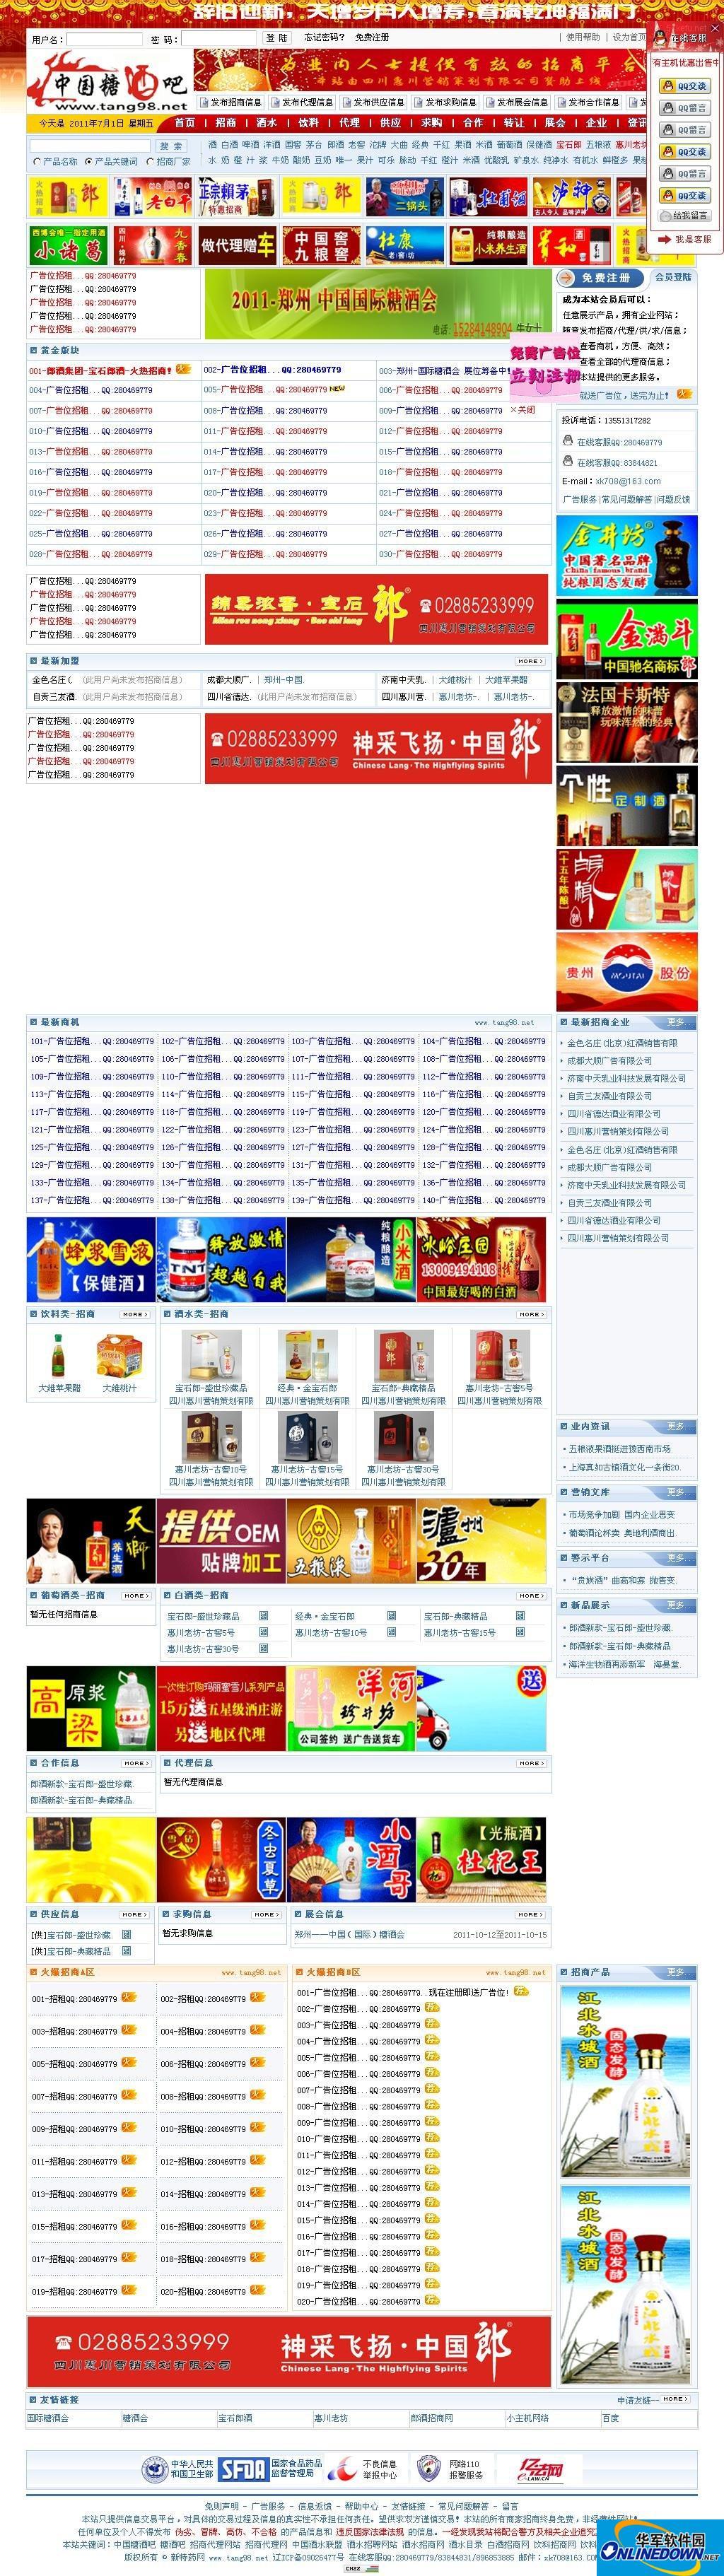 中国糖酒吧-糖酒招商网